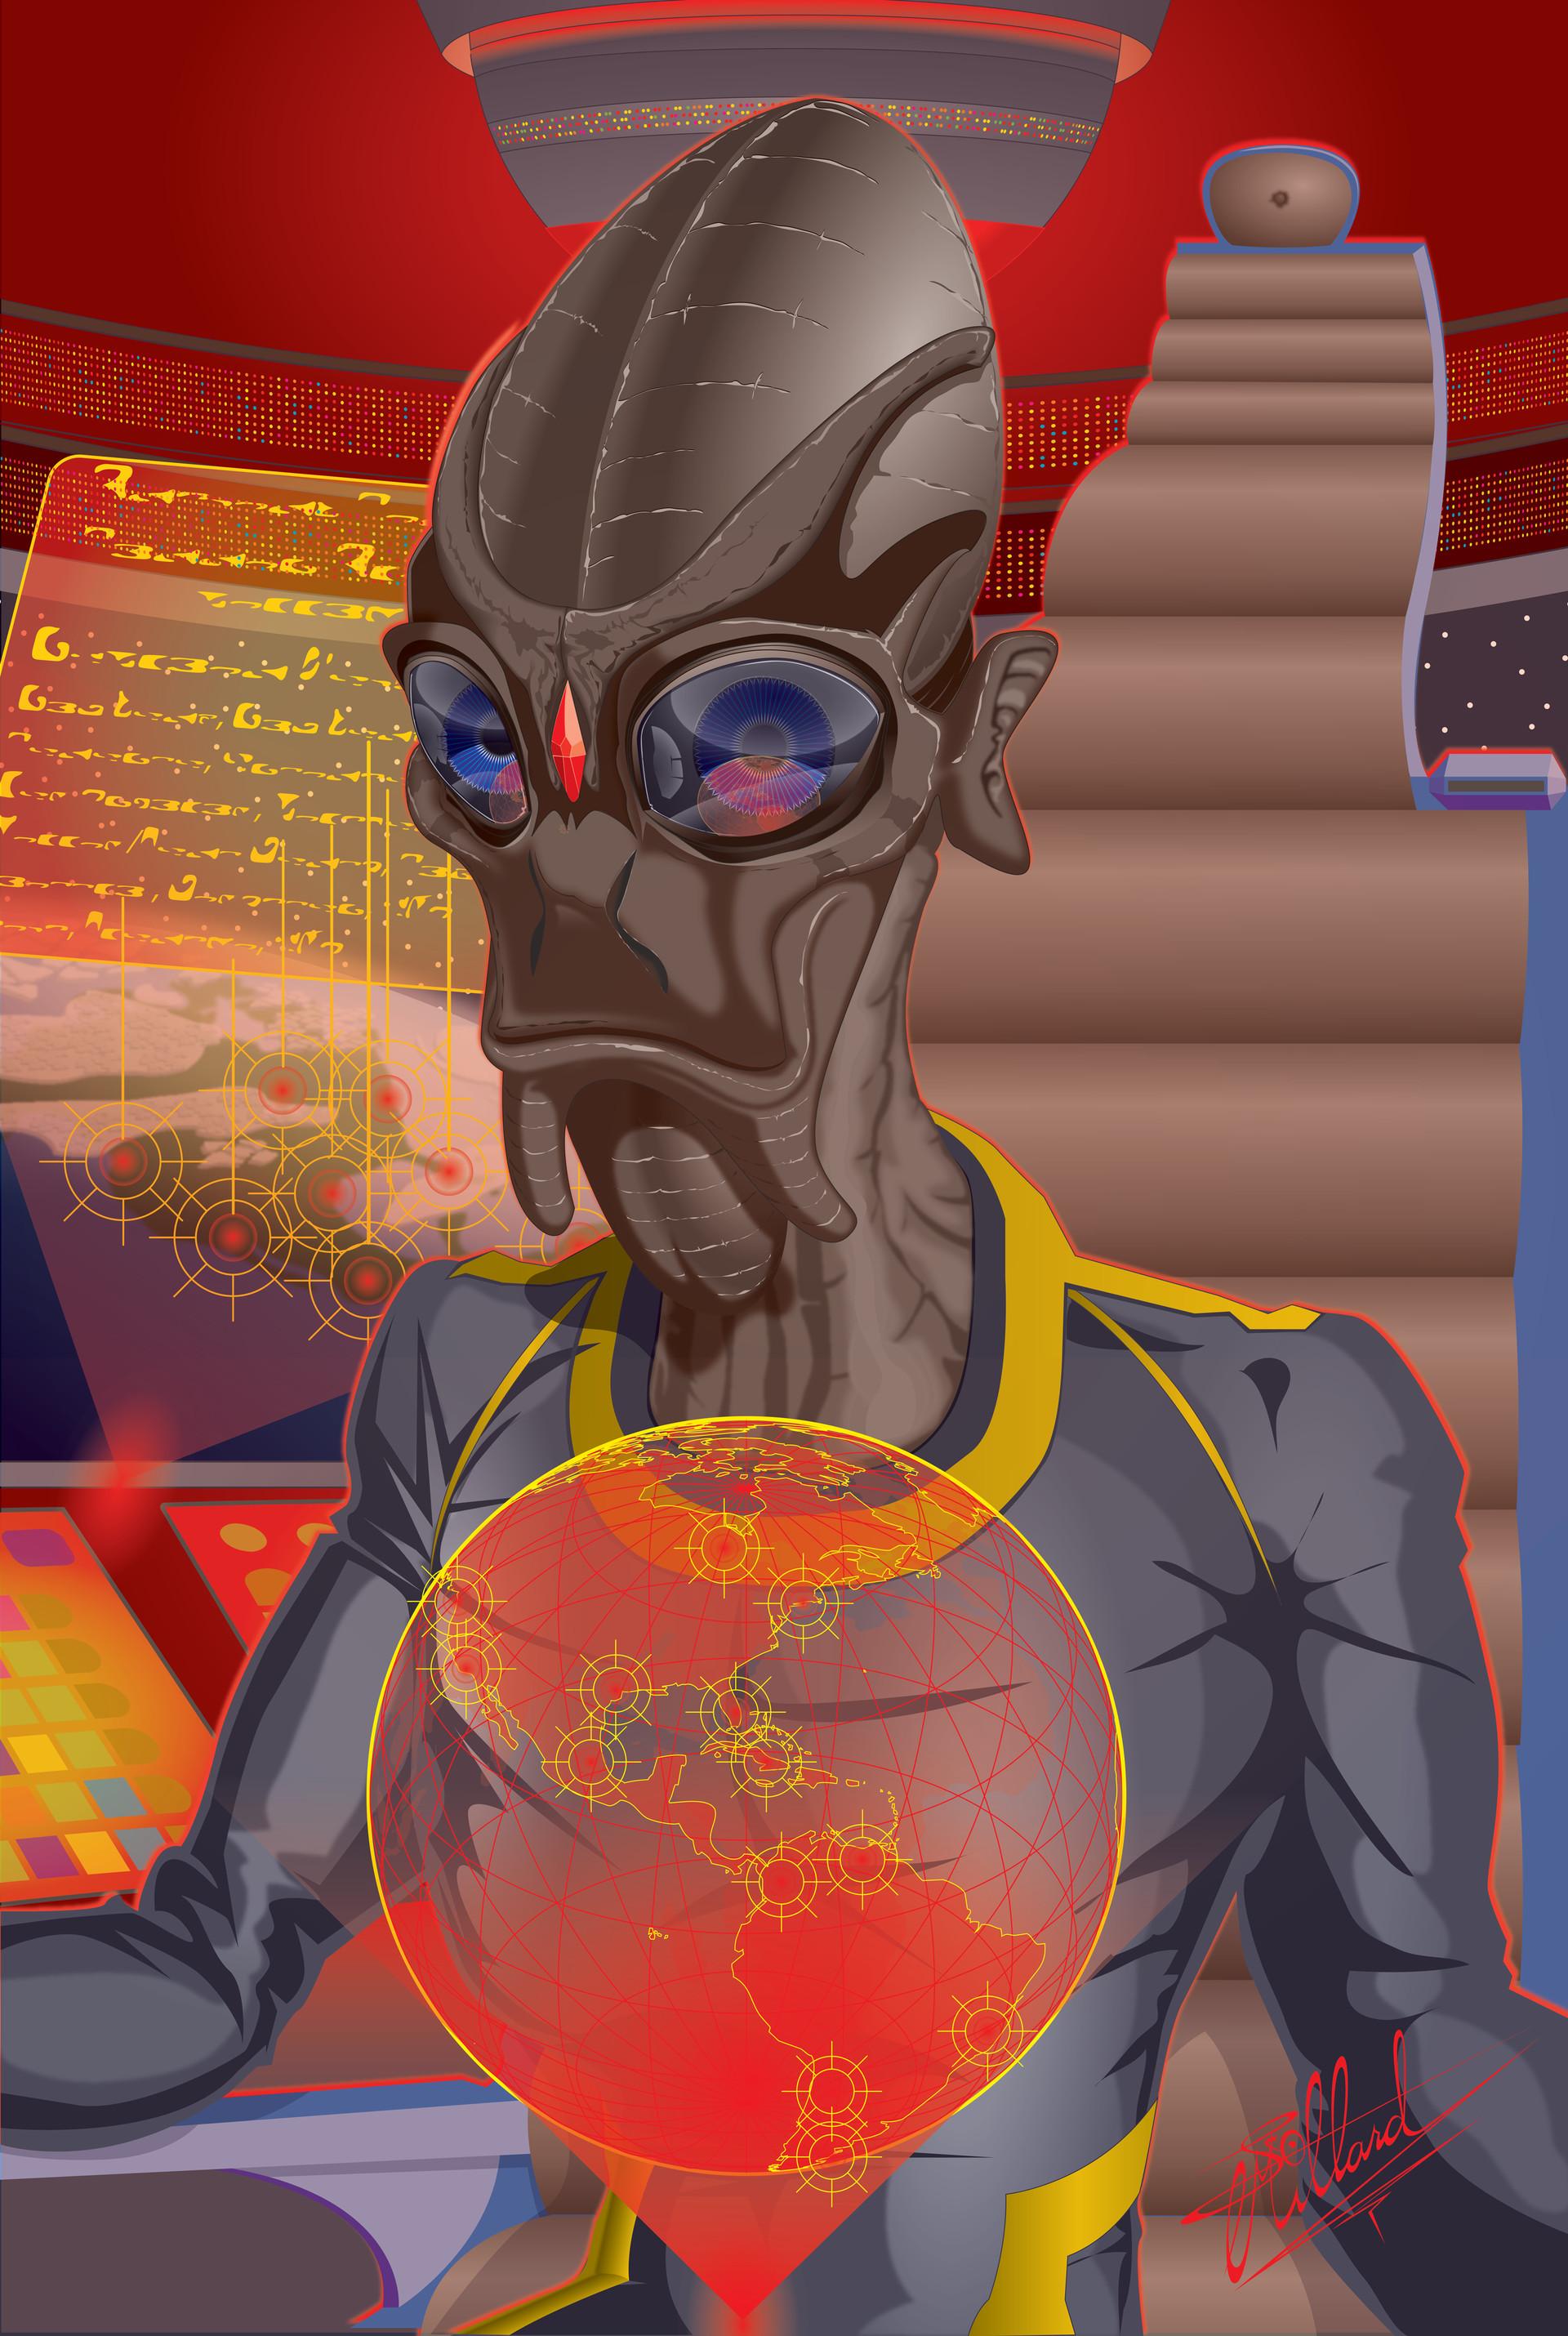 Scott millard alienofficer vector